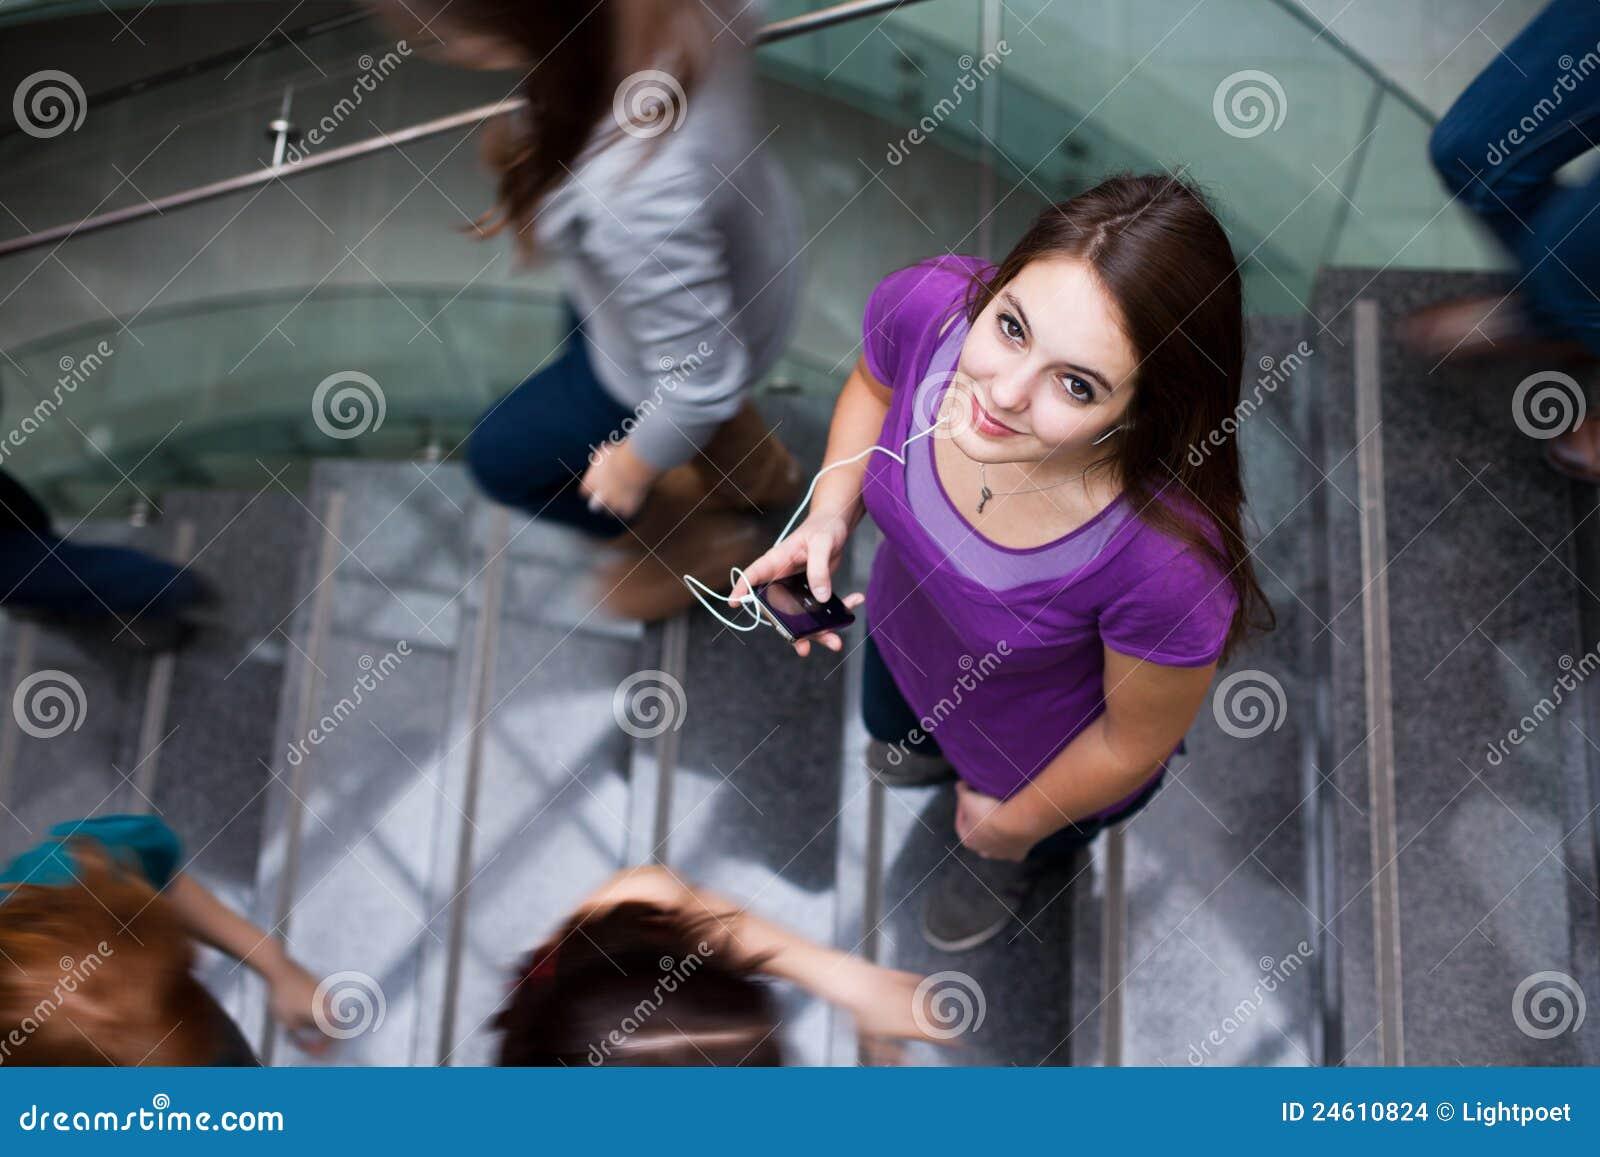 Studenten die boven en beneden een bezige trap meeslepen stock afbeeldingen afbeelding 24610824 - Beneden trap ...